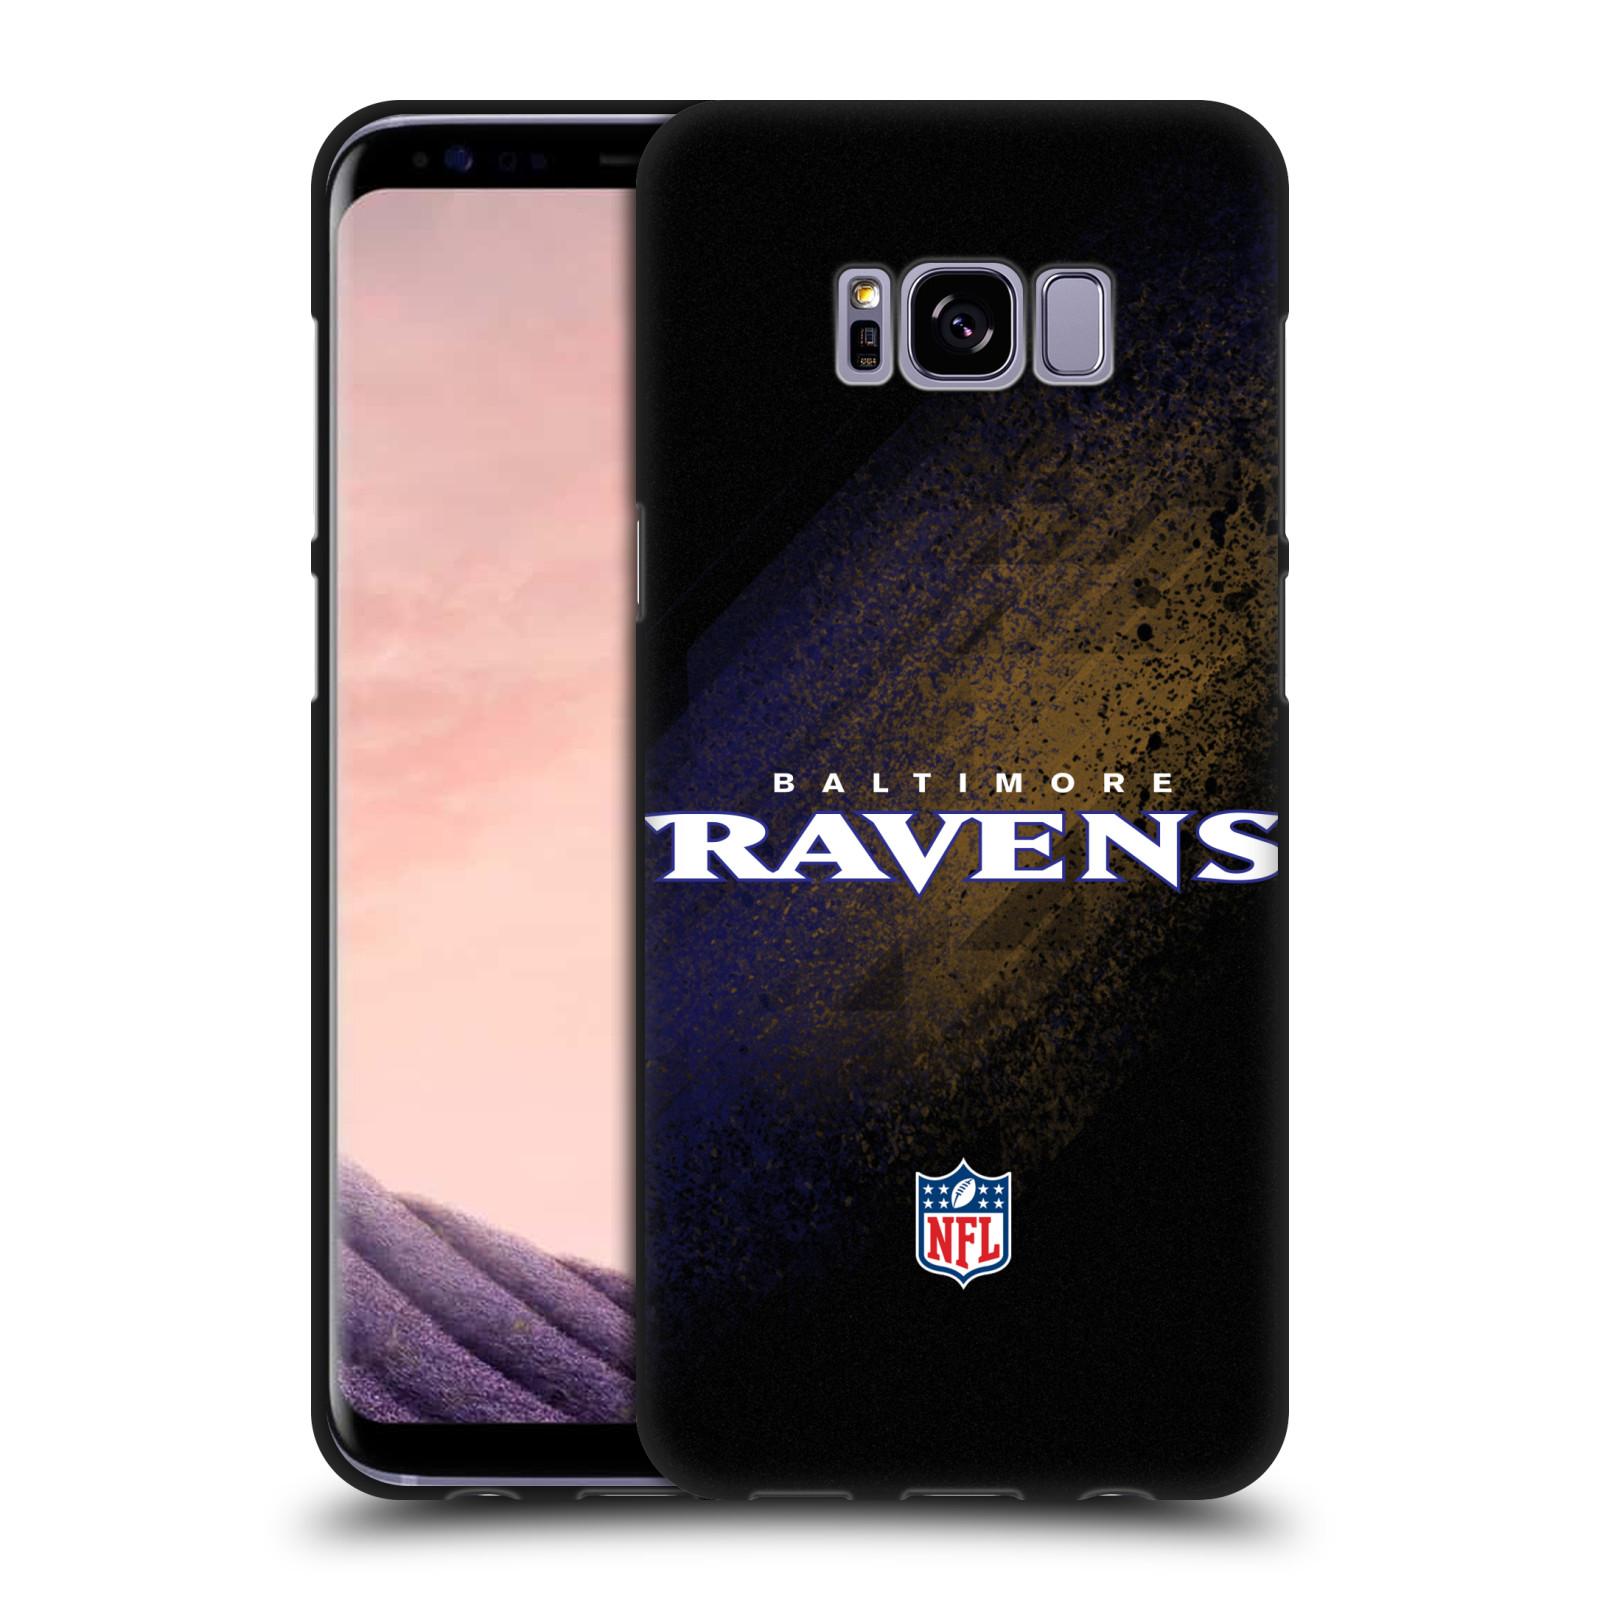 Logotipo-oficial-de-la-NFL-Baltimore-Ravens-Negro-caso-De-Gel-Suave-Para-Telefonos-Samsung-1